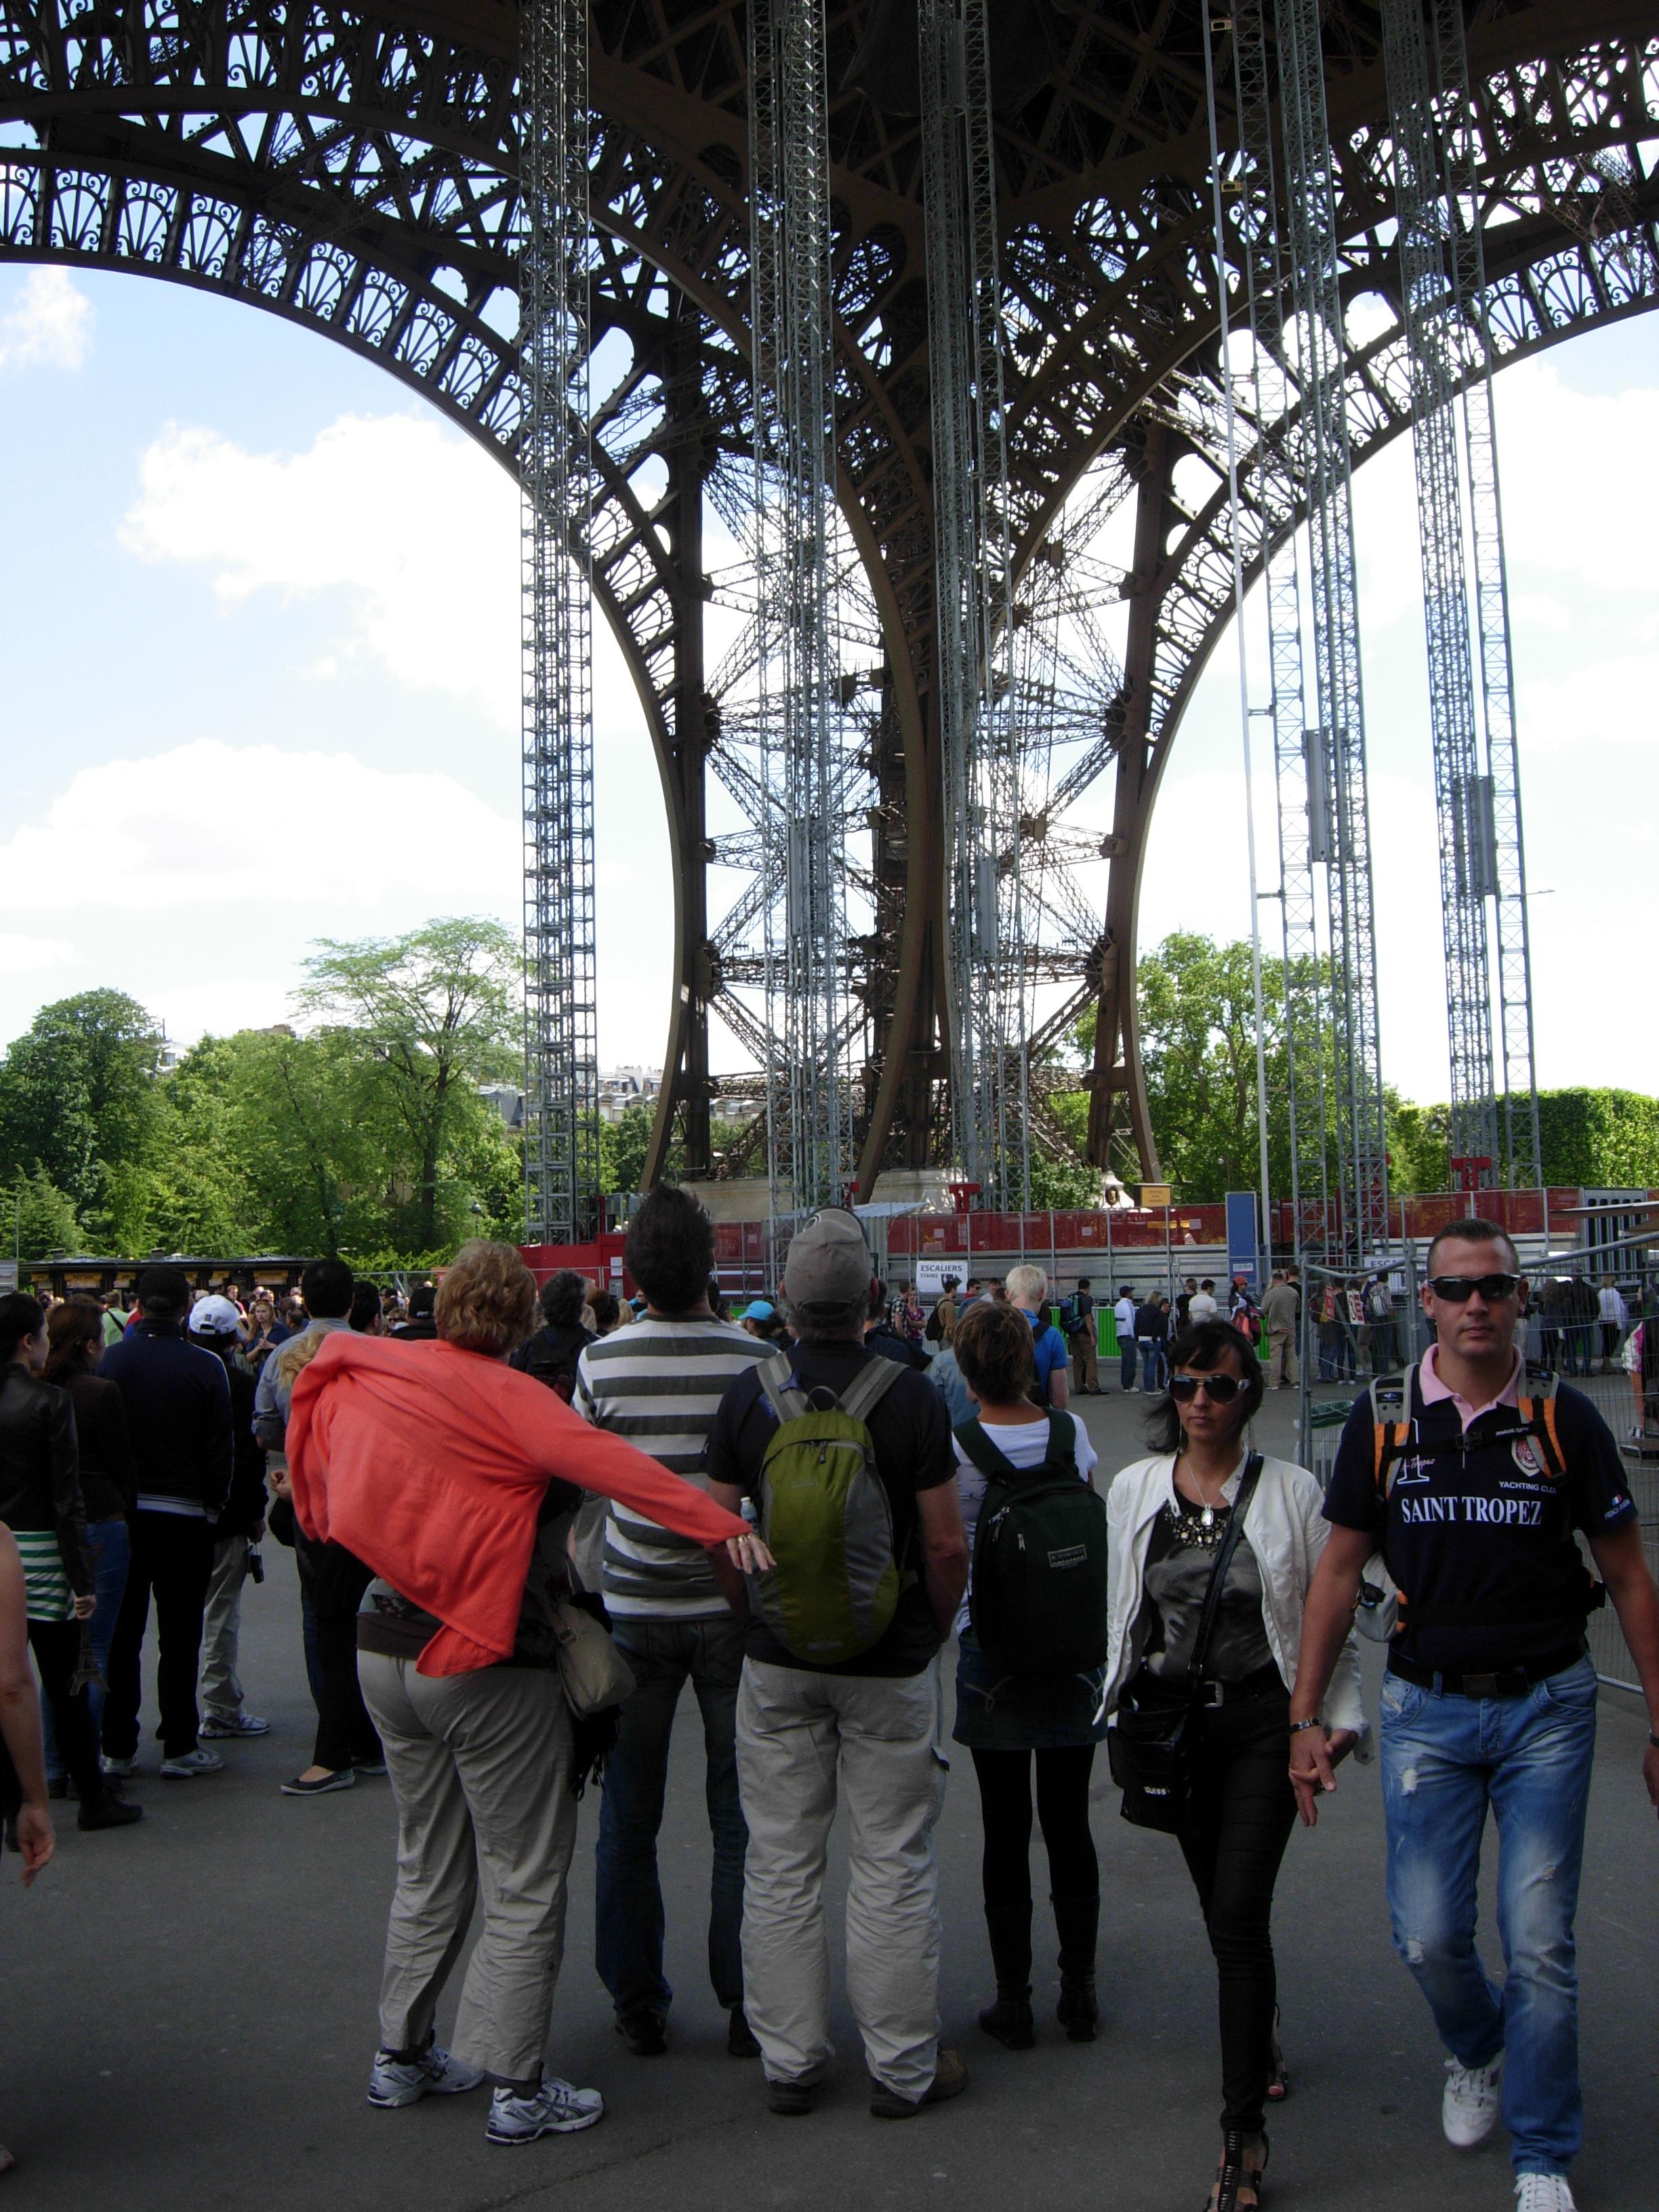 文化巴黎的魅力——街景_图1-9